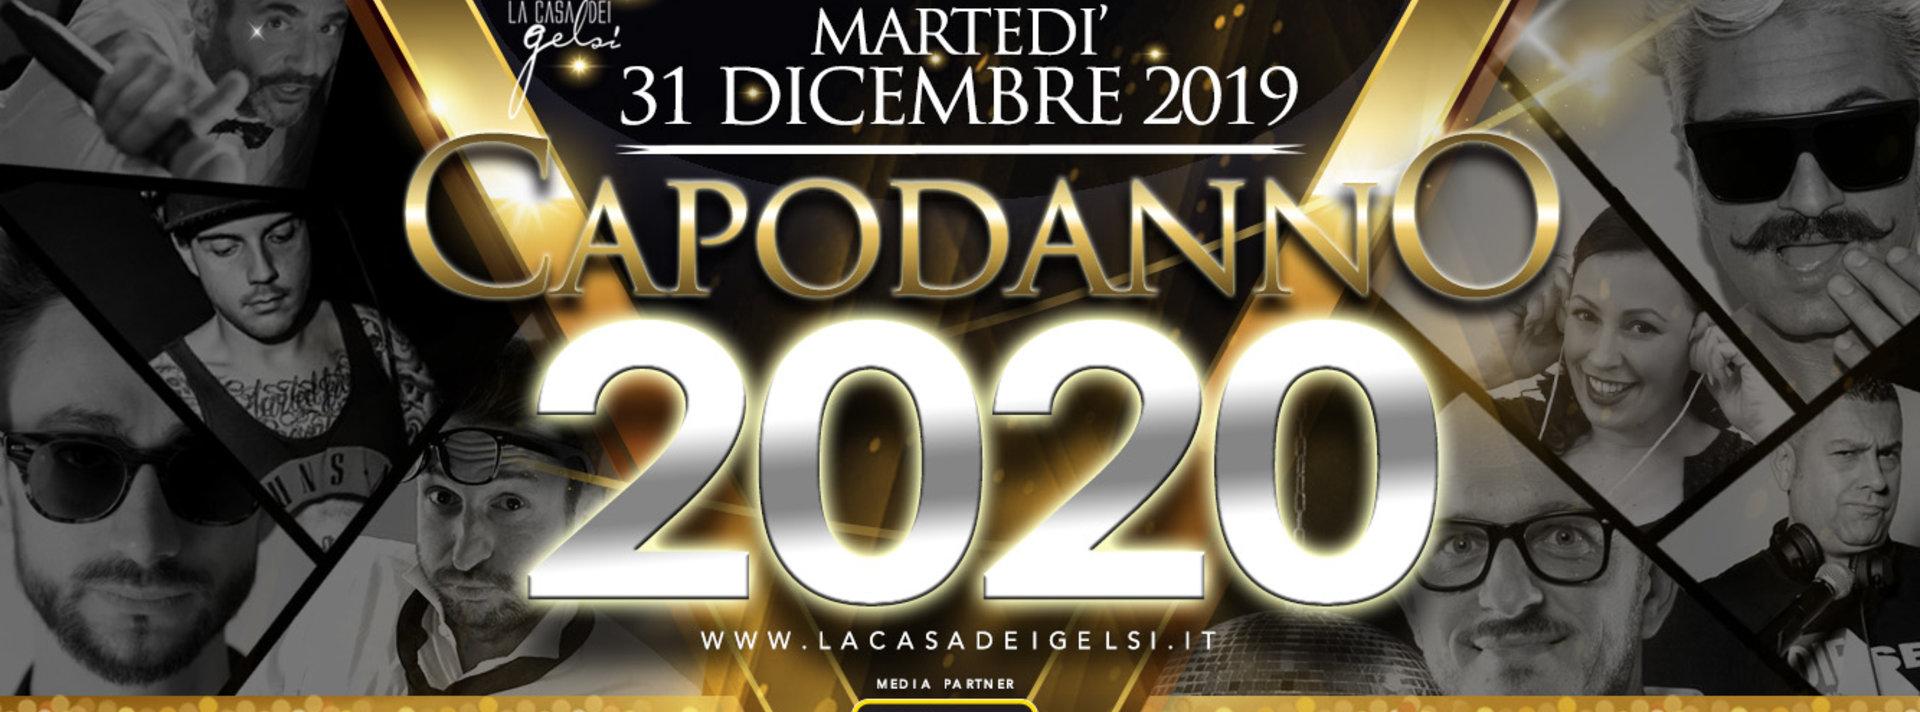 Capodanno 2020 alla Casa dei Gelsi - Bassano Vicen